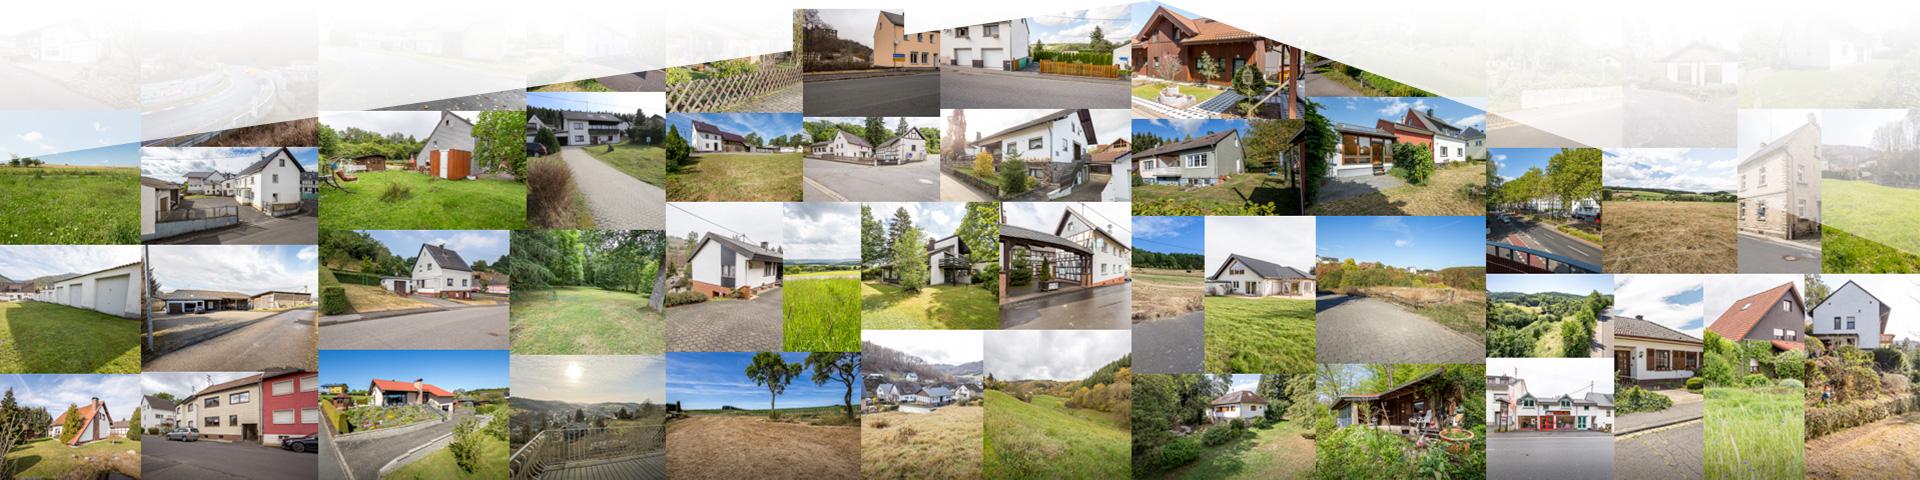 verkaufte-objekte-2019_Collage_Slider-web